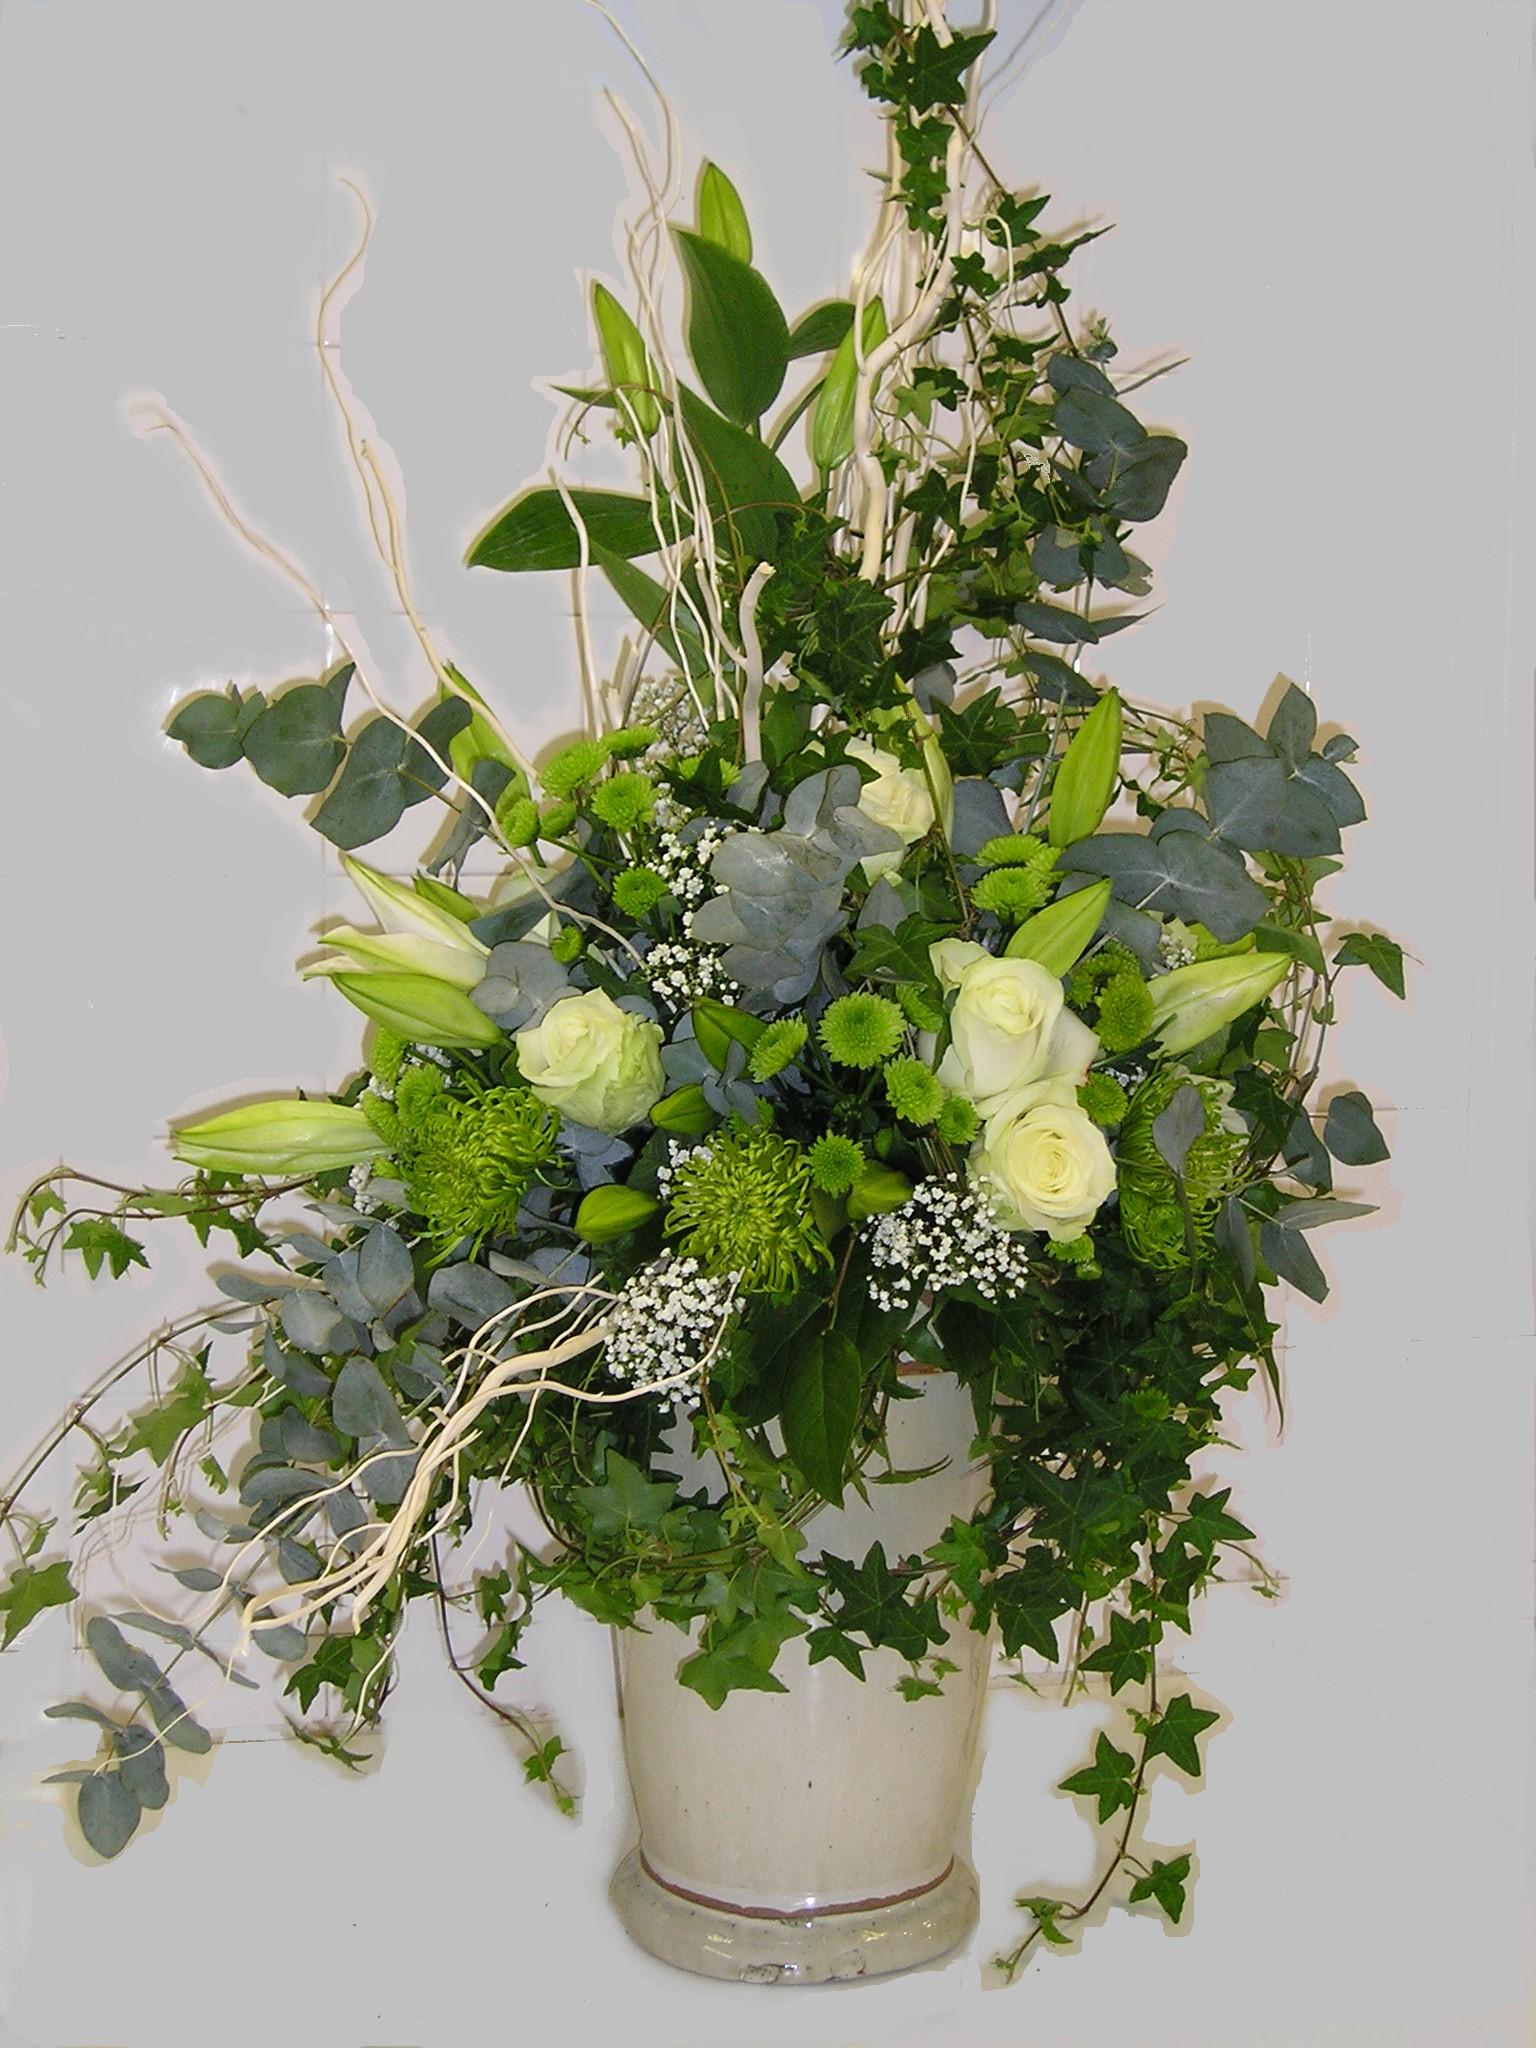 Divers Vnements Fleurs Nature Contemporain